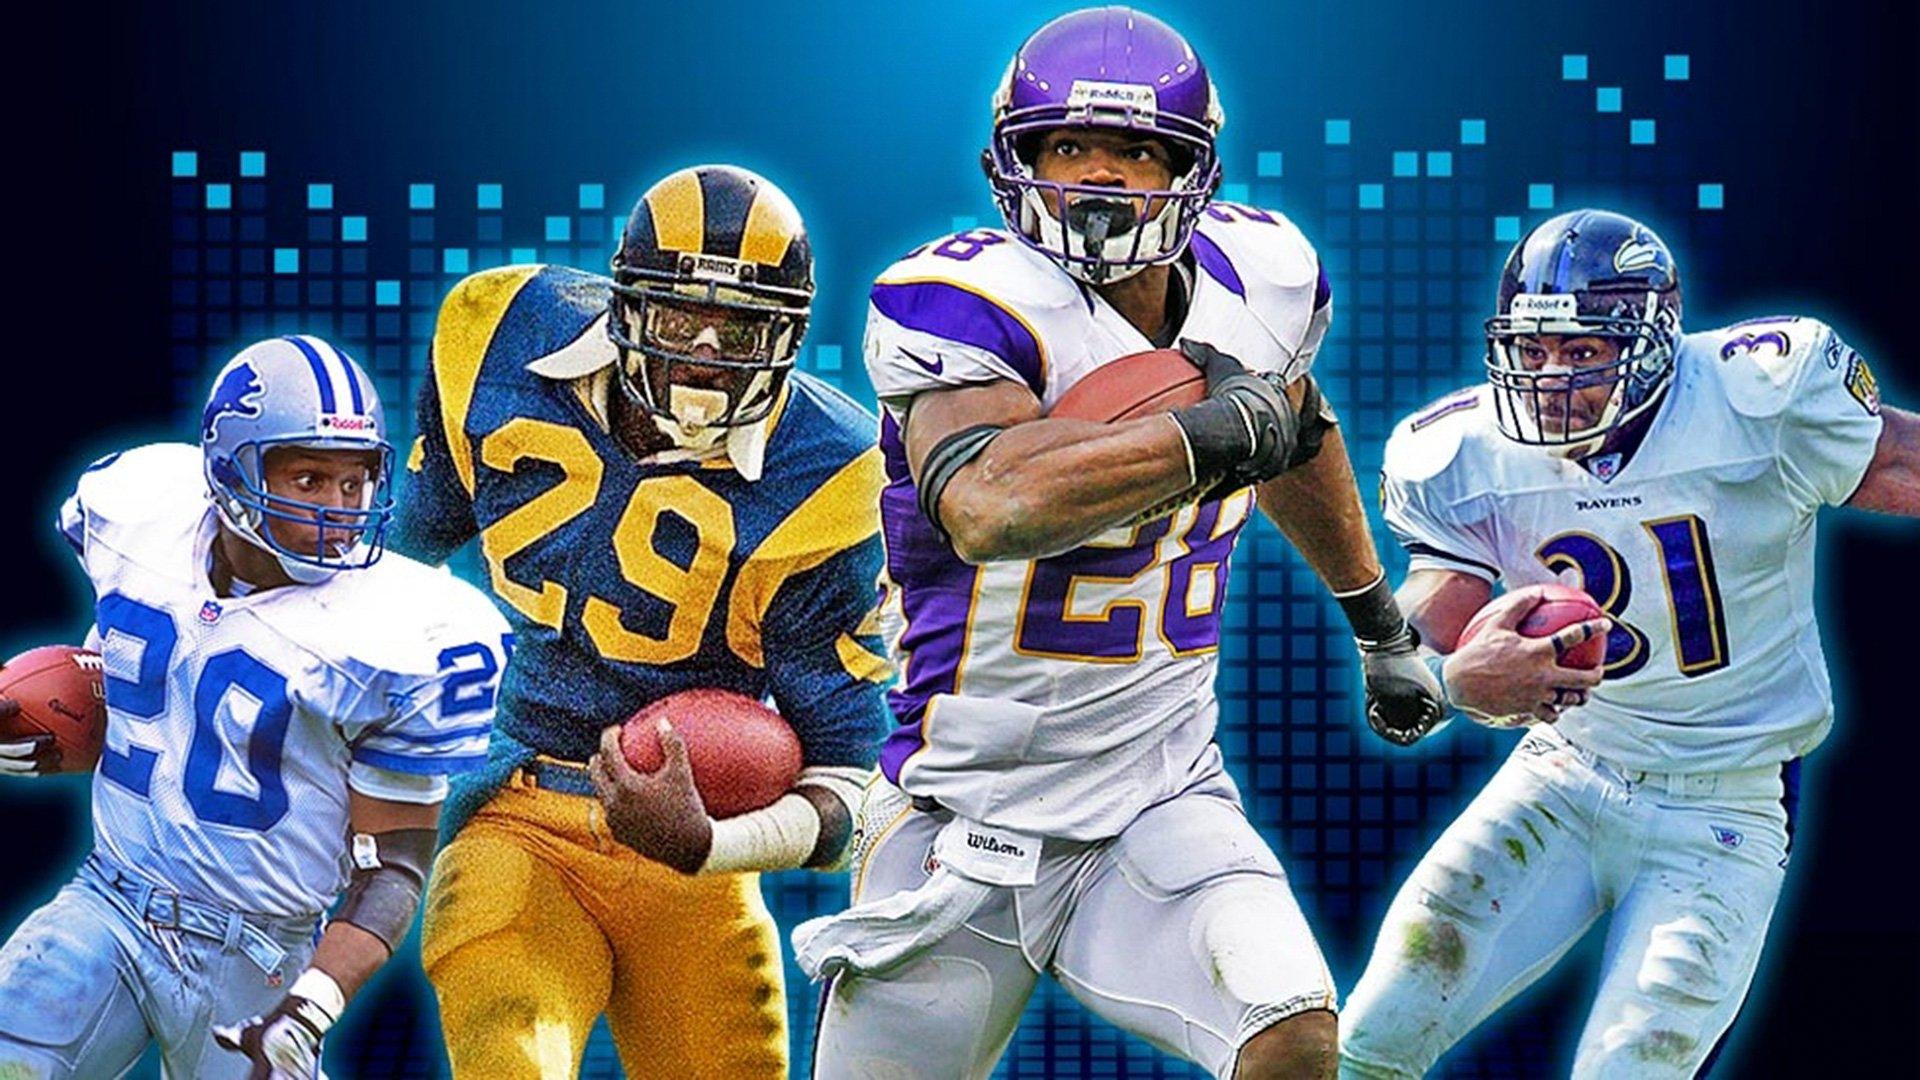 Best Nfl Football Wallpapers: NFL Football Wallpaper